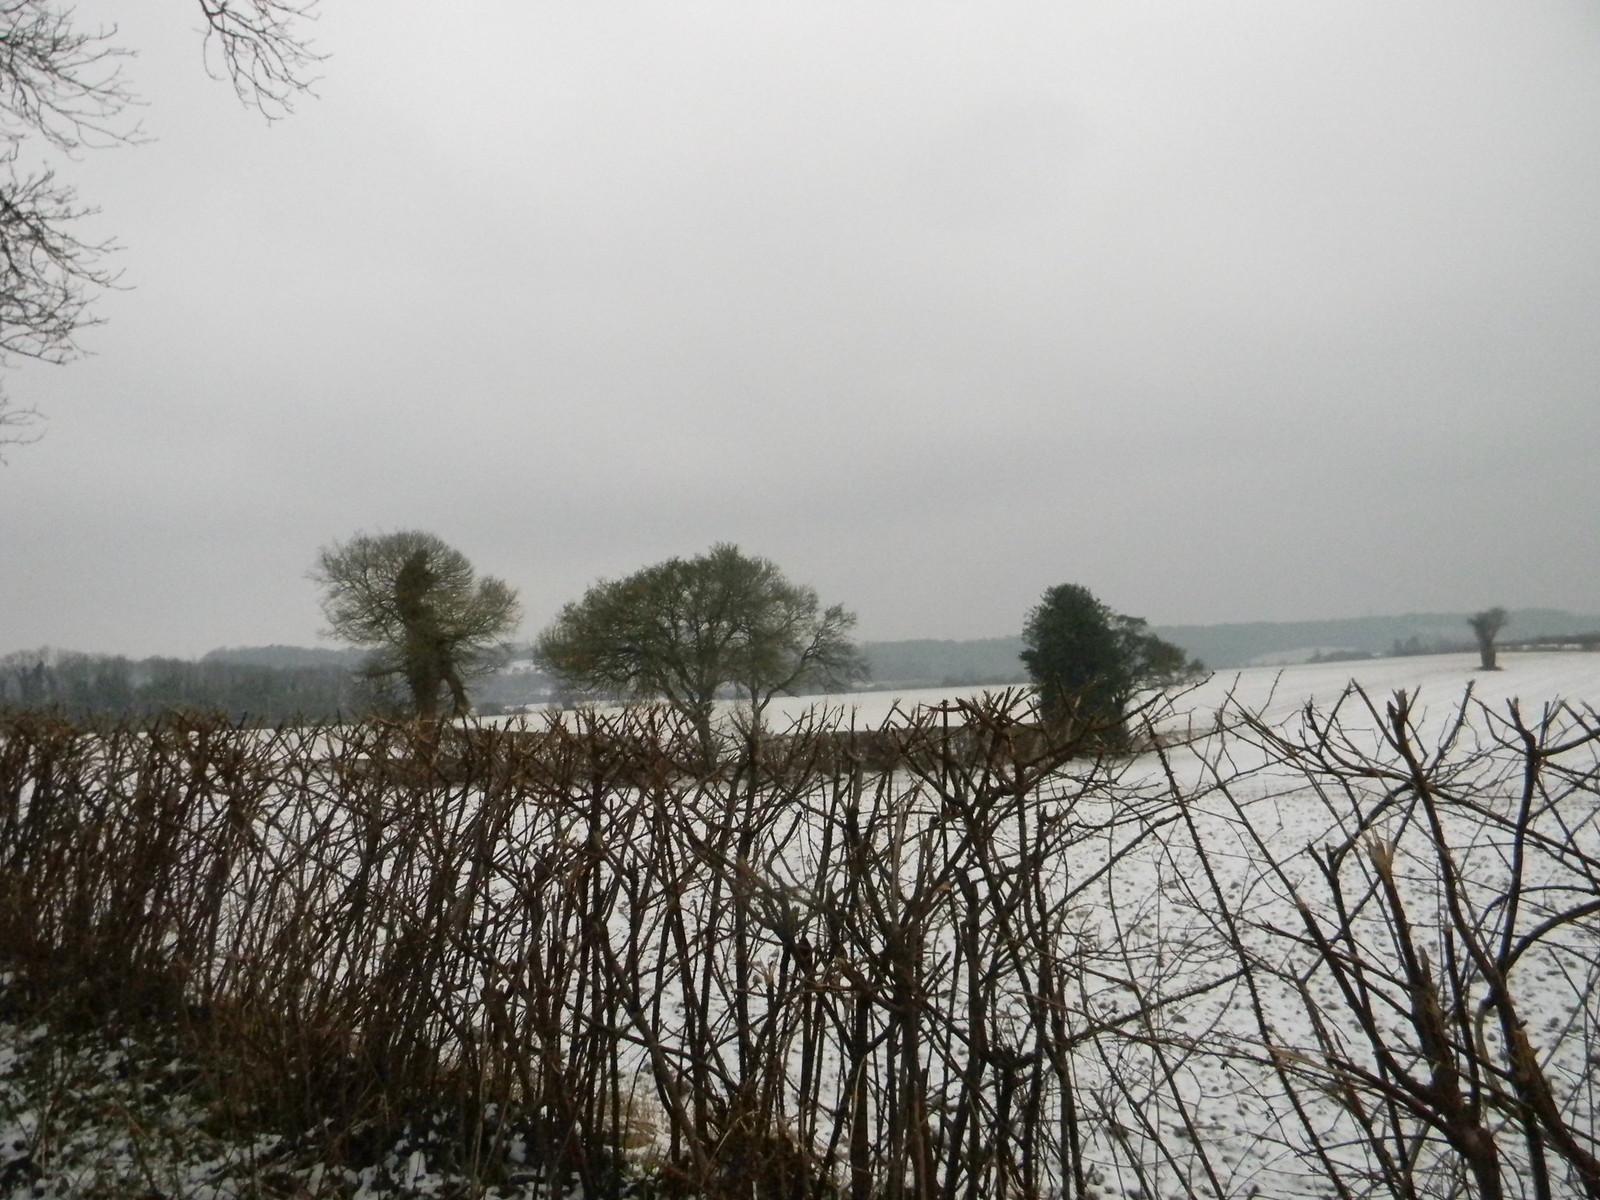 Snowy fields Snodland to Sole Street